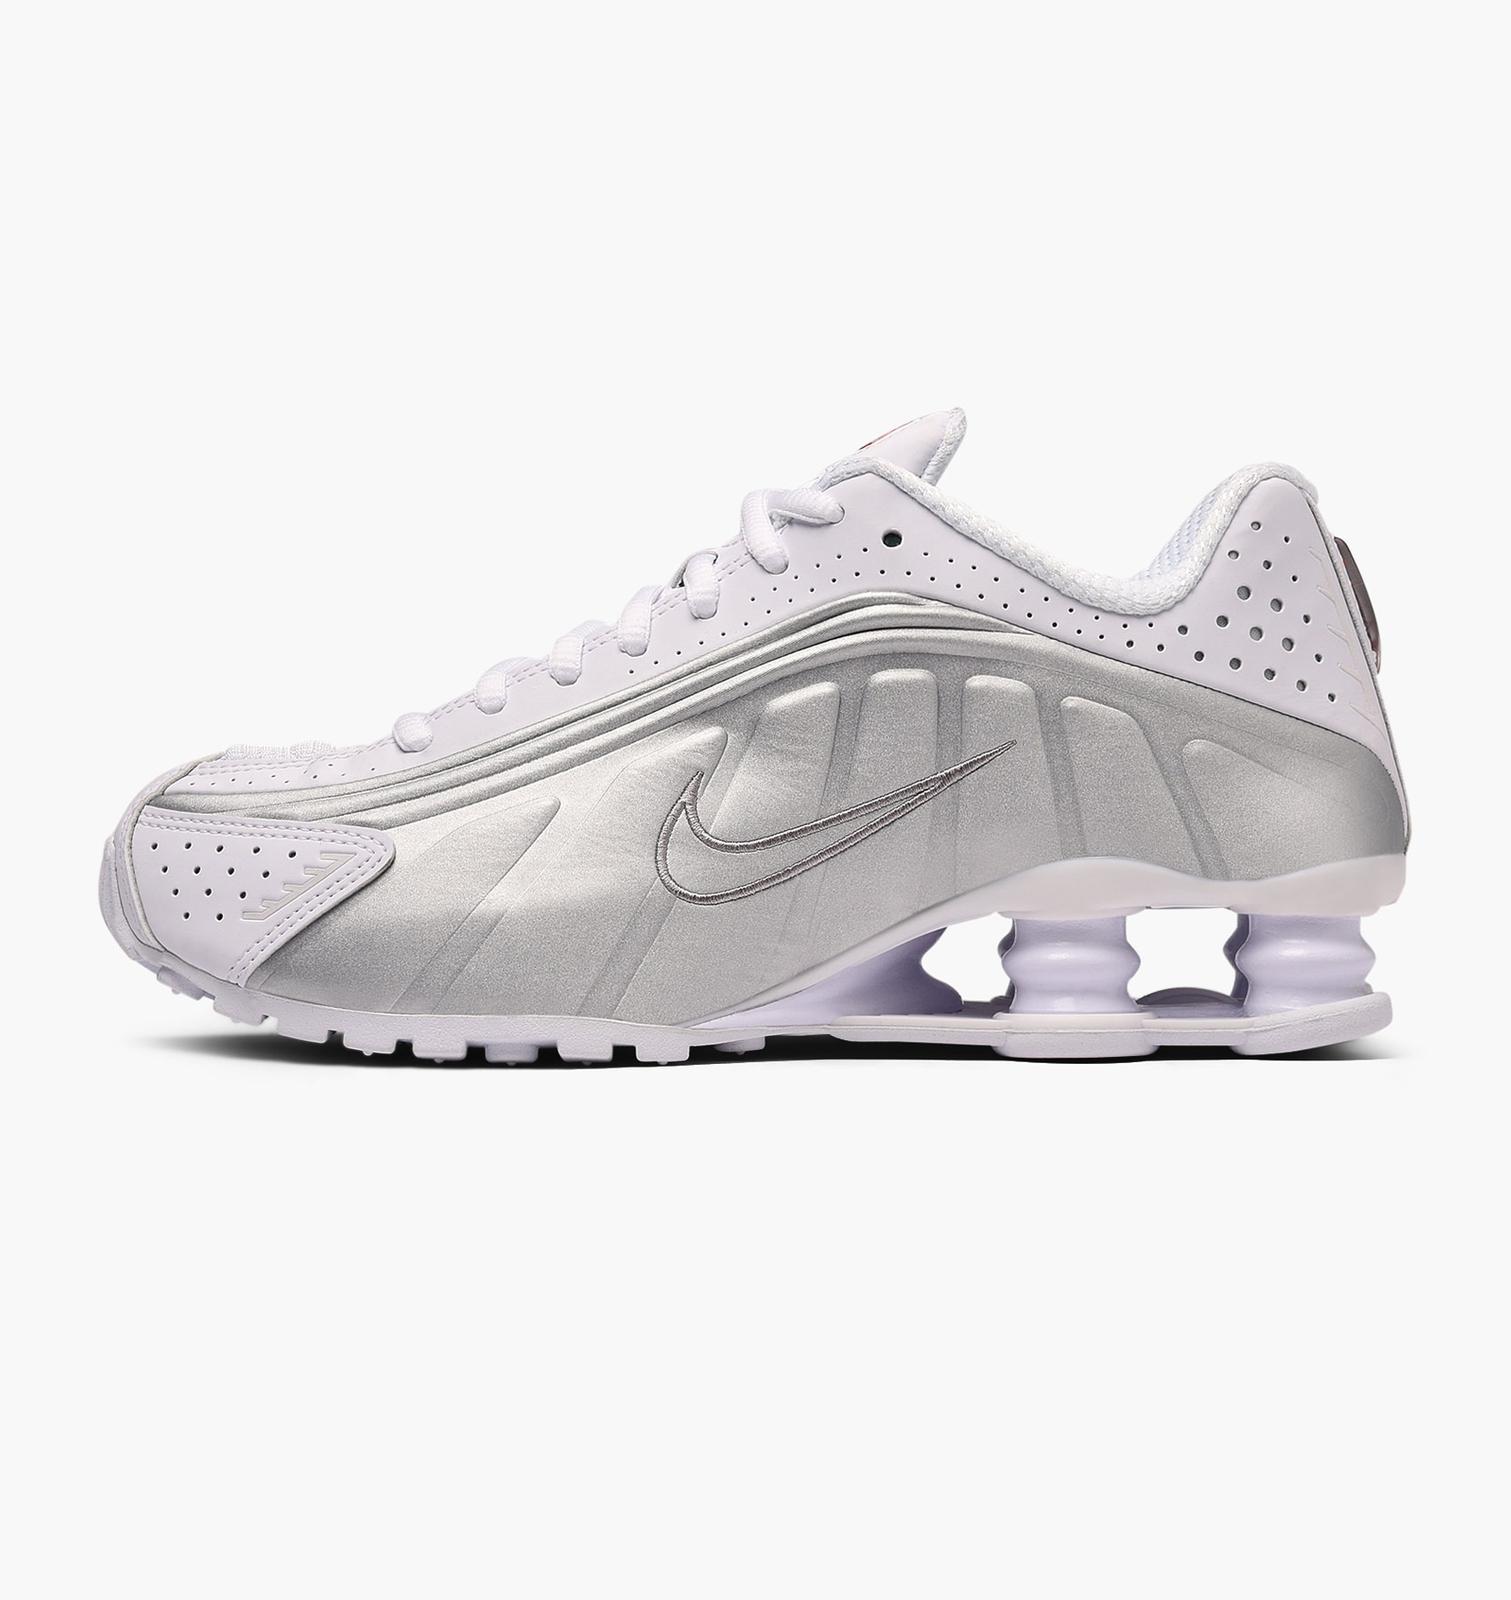 Nike Shox R4 (White Metallic White Silver) and 50 similar